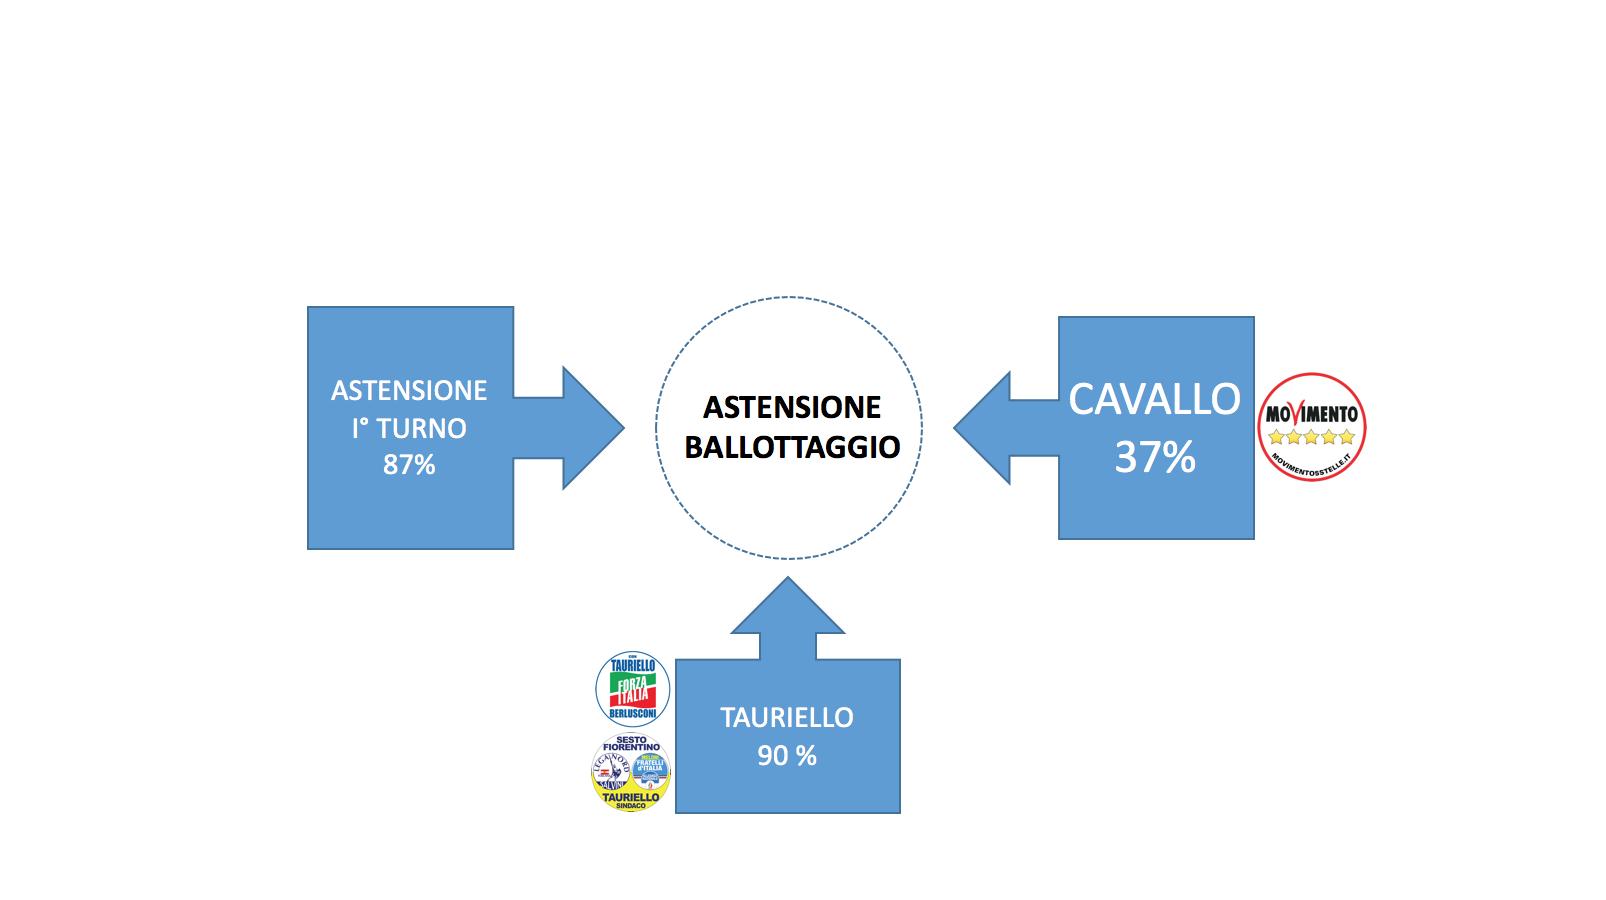 ASTENSIONE BALLOTTAGGIO FLUSSI 2016